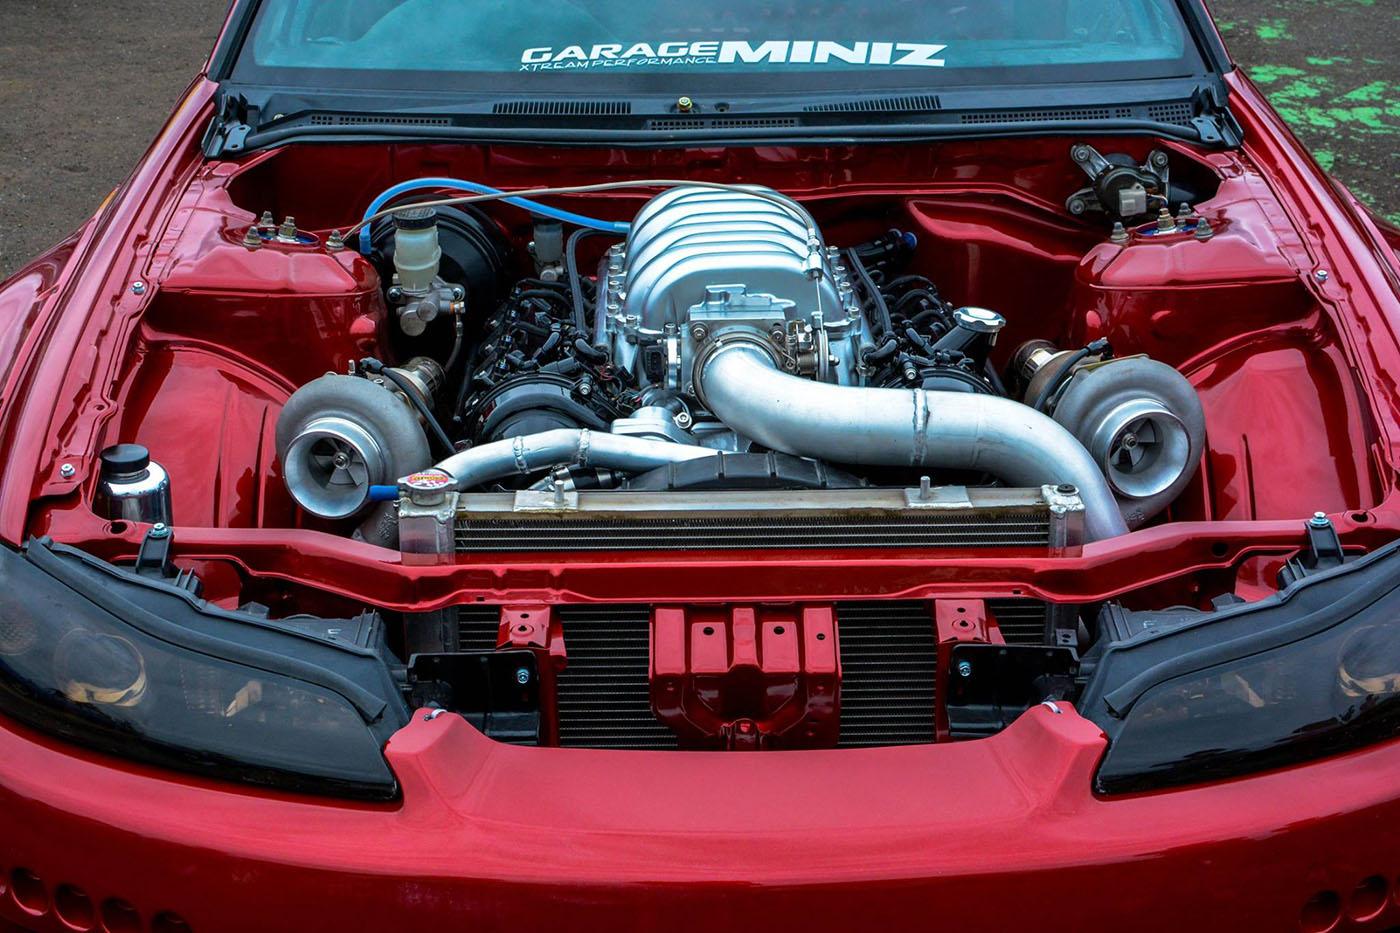 Nissan S15 with a Twin-turbo 1UZ-FE – Engine Swap Depot